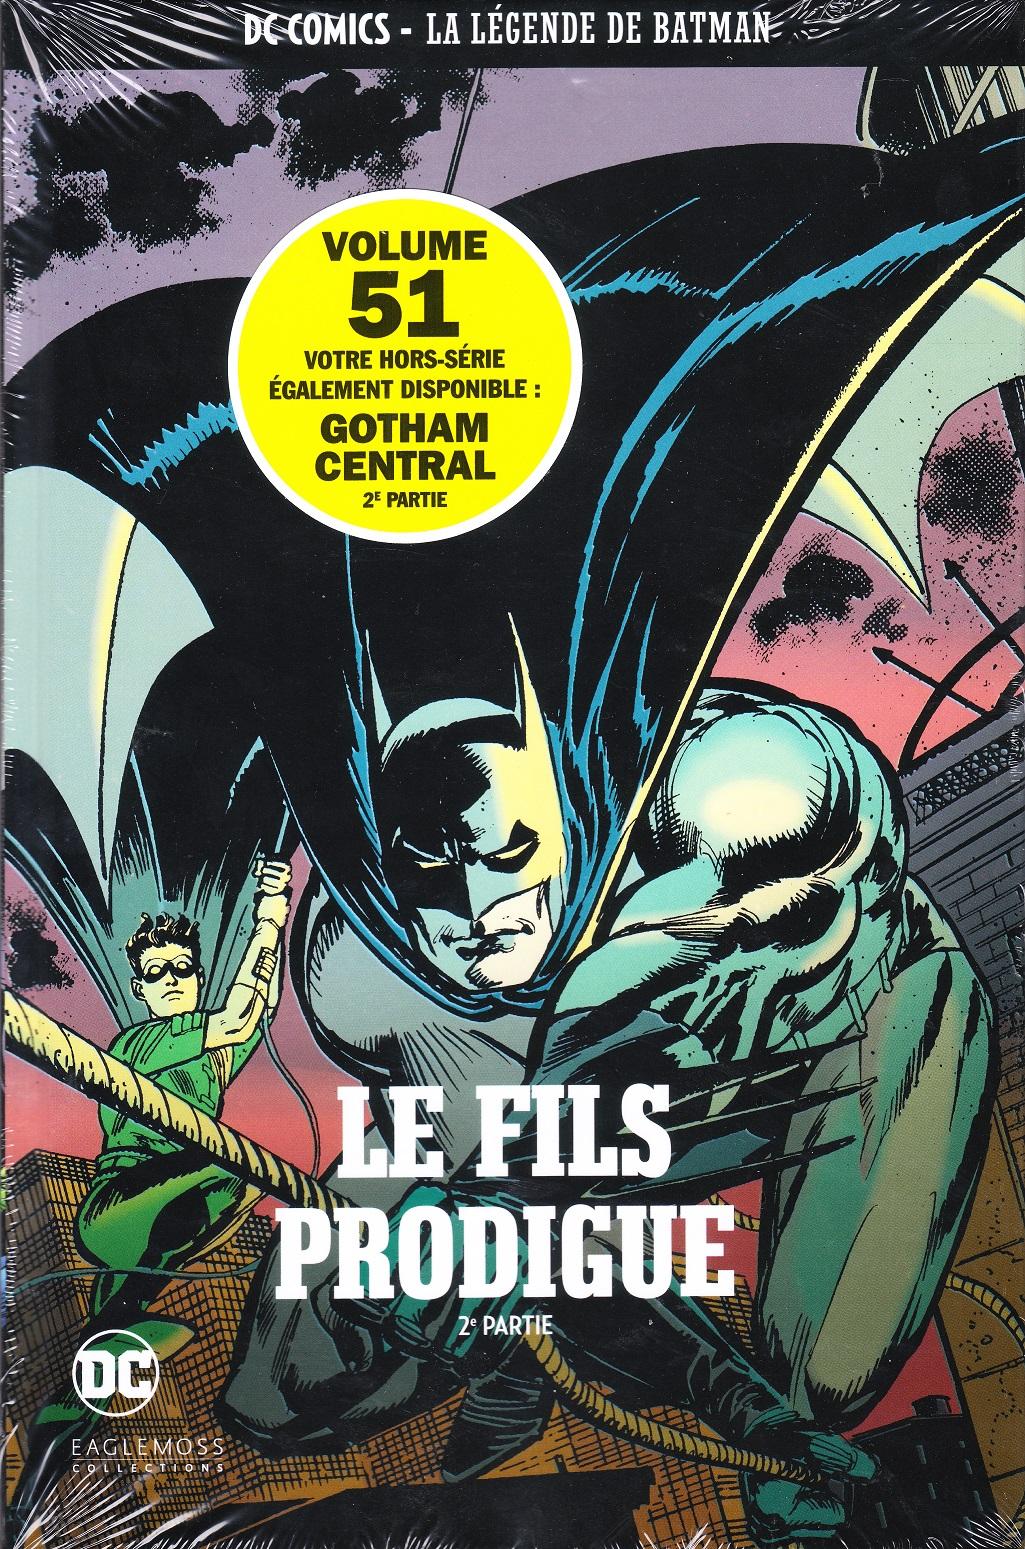 DC Comics - La Légende de Batman 29 - Le Fils Prodigue - 2e partie